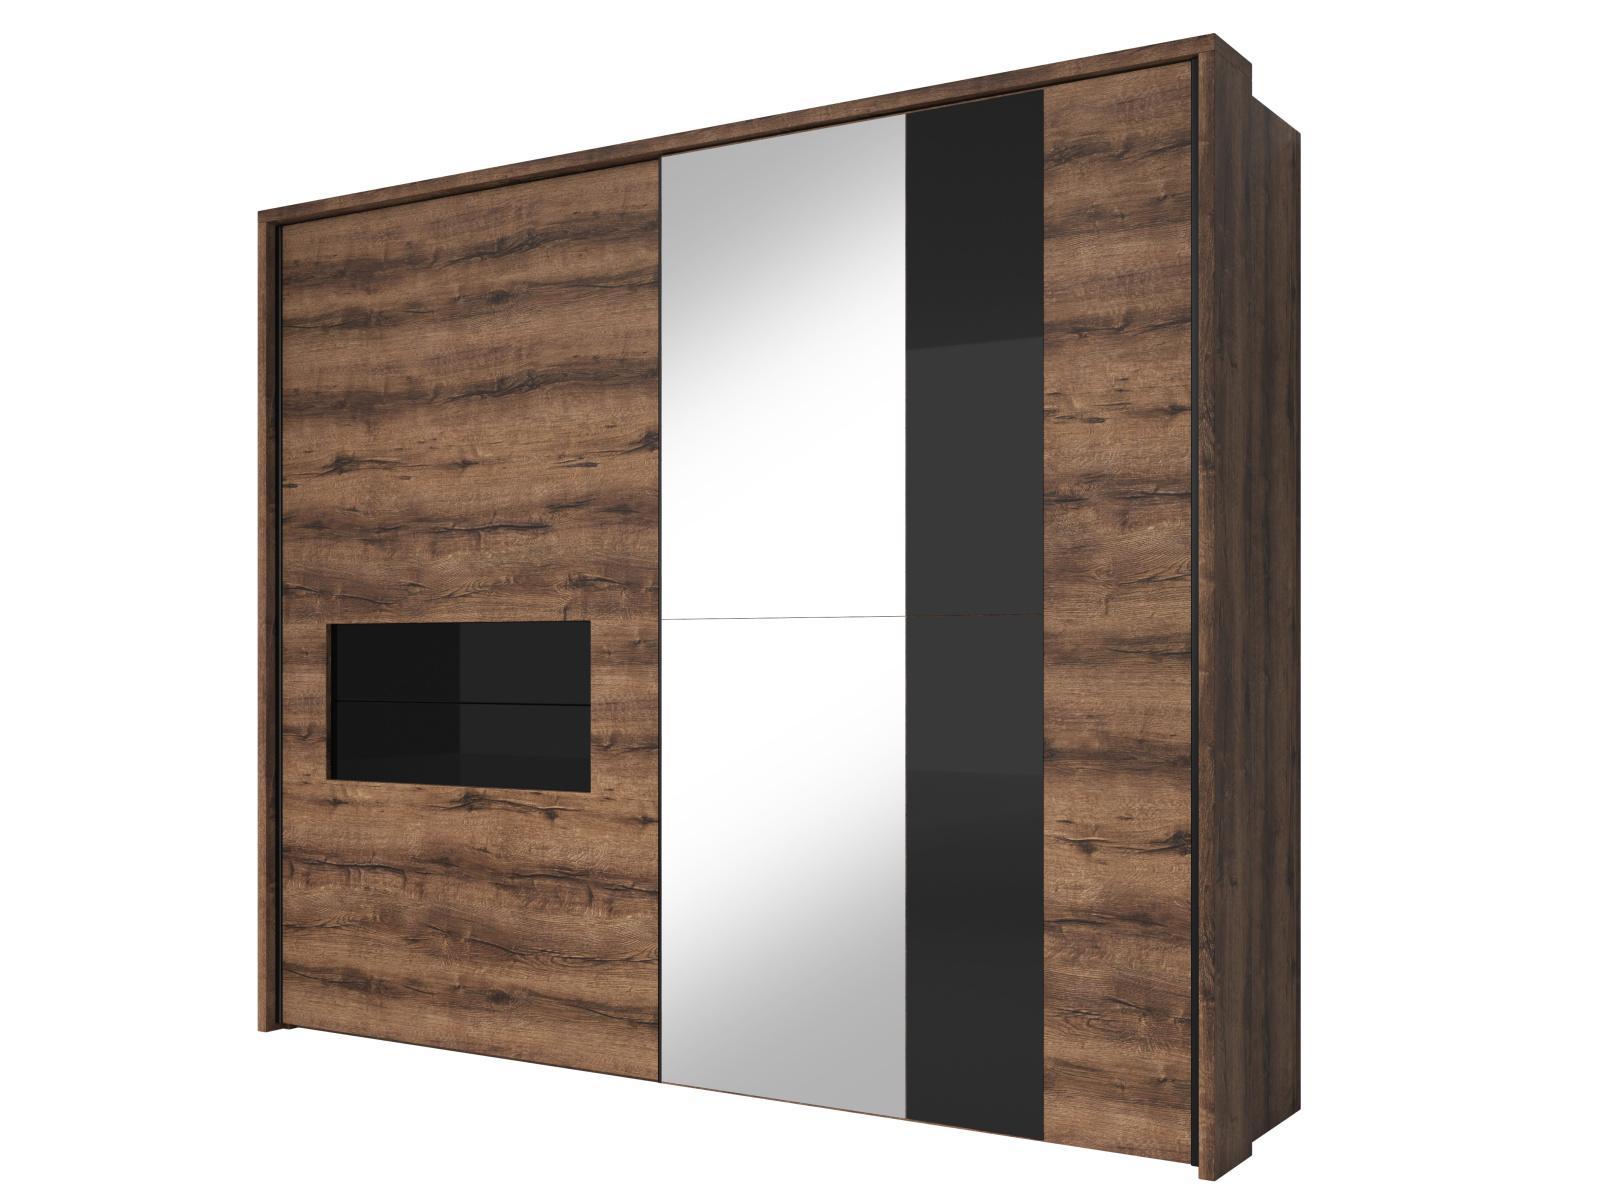 Smartshop INDIRA šatní skříň se zrcadlem 258 TYP 19, dub monastery/černé sklo